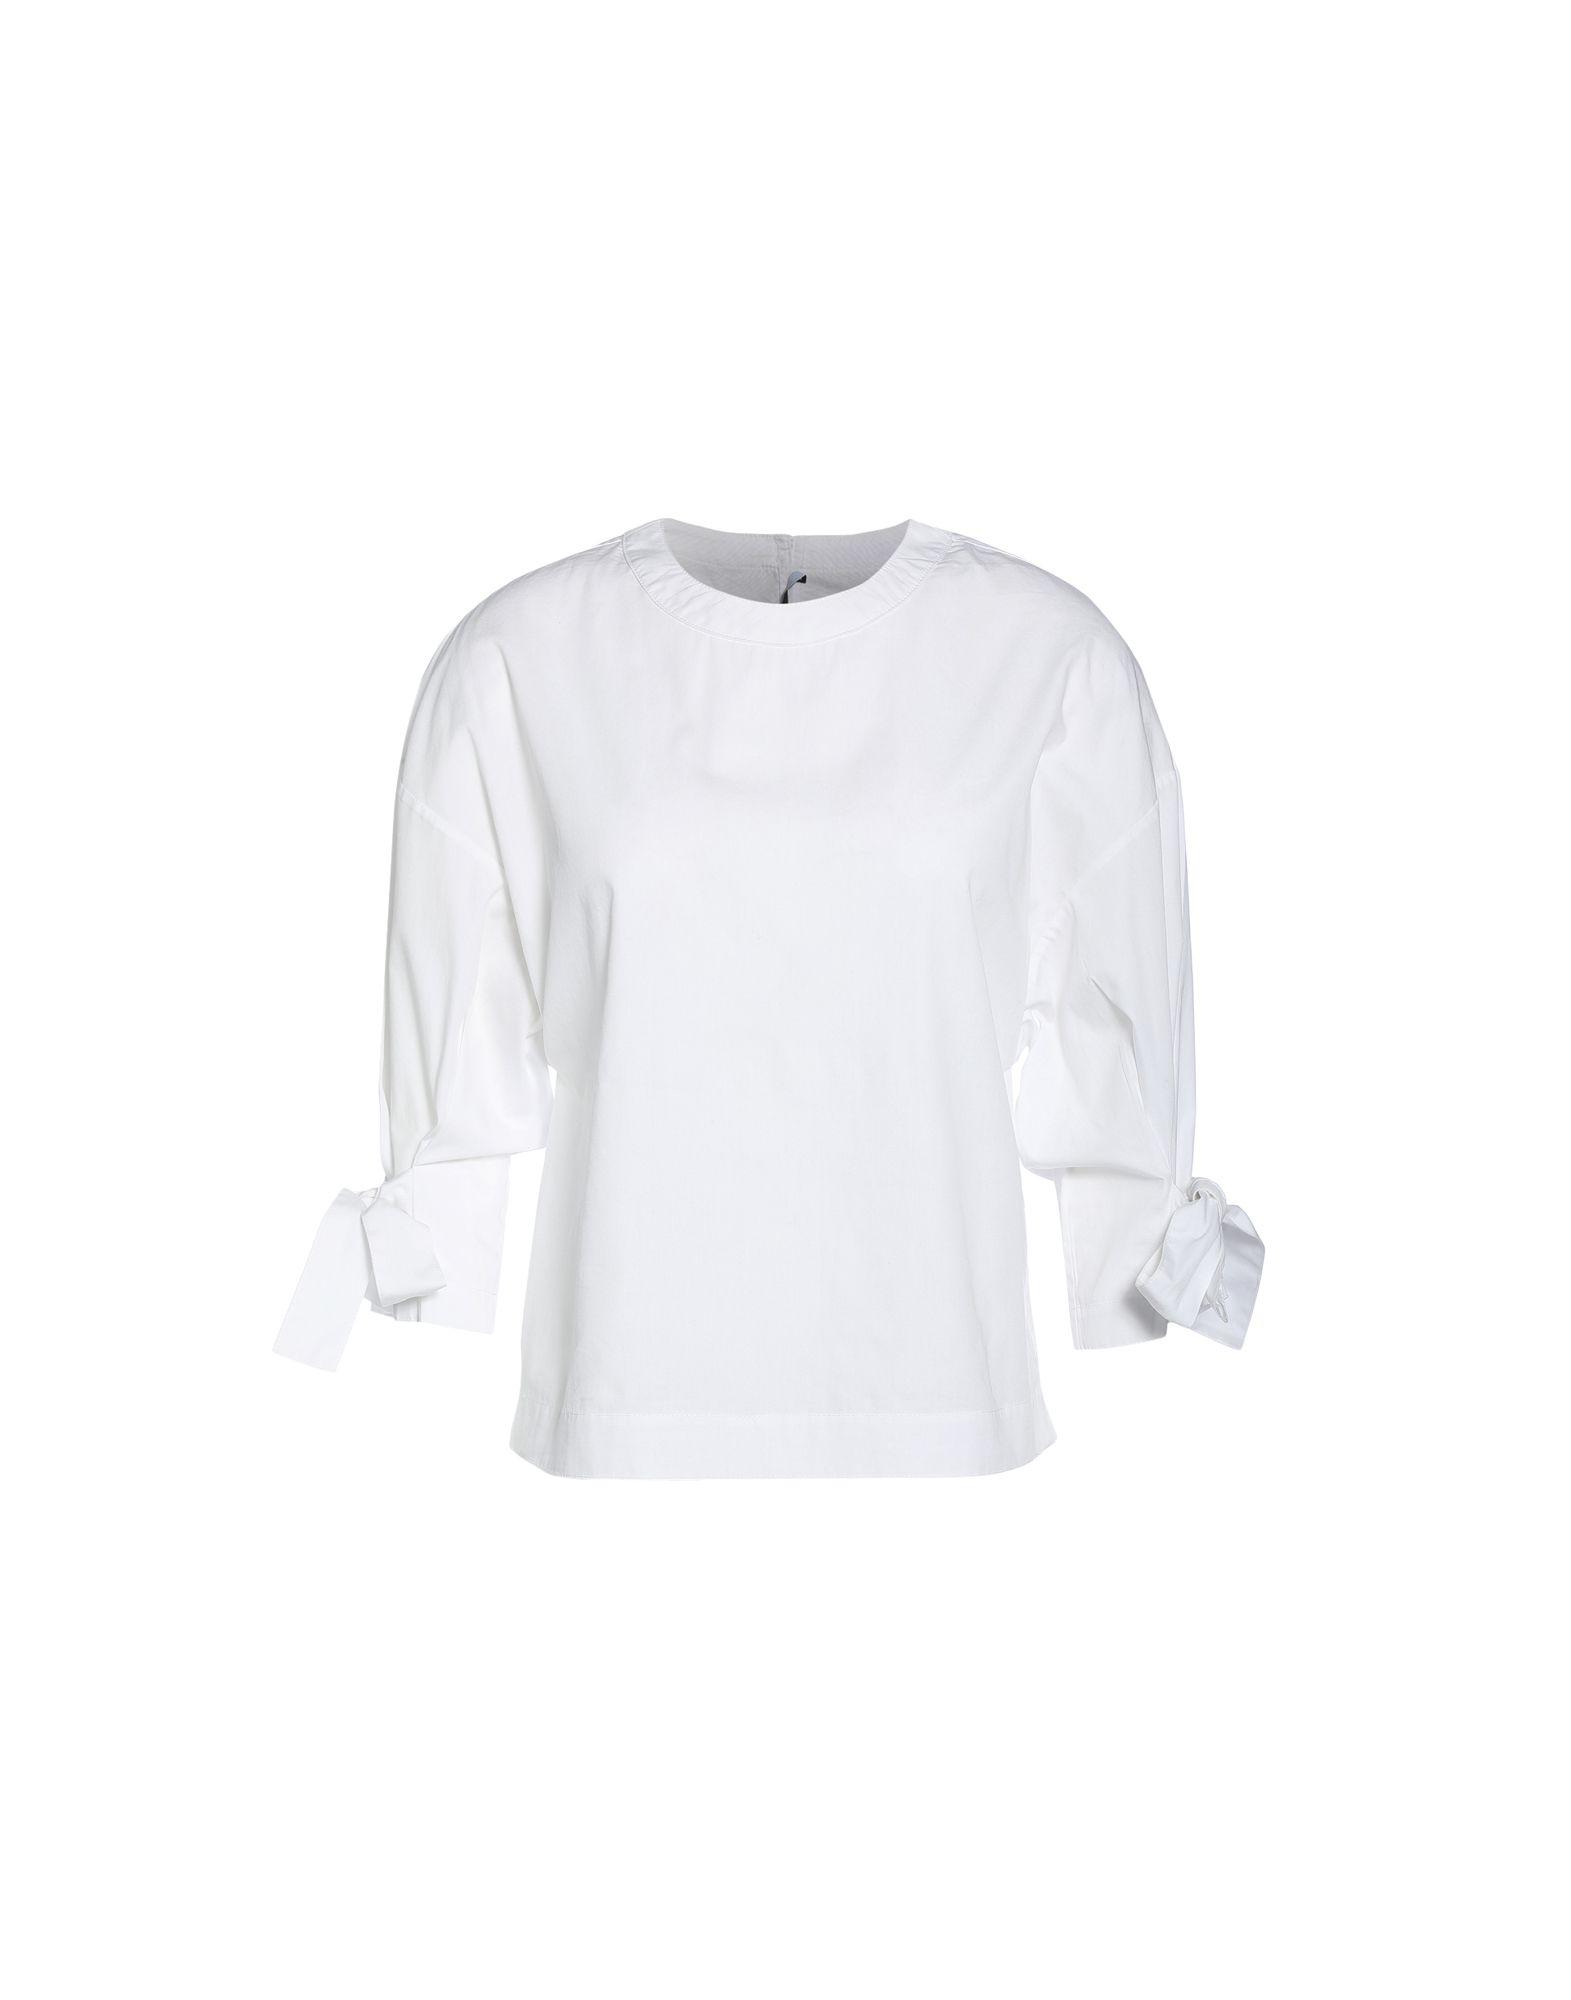 《送料無料》ROSETTA GETTY レディース シャツ ホワイト 0 コットン 100%